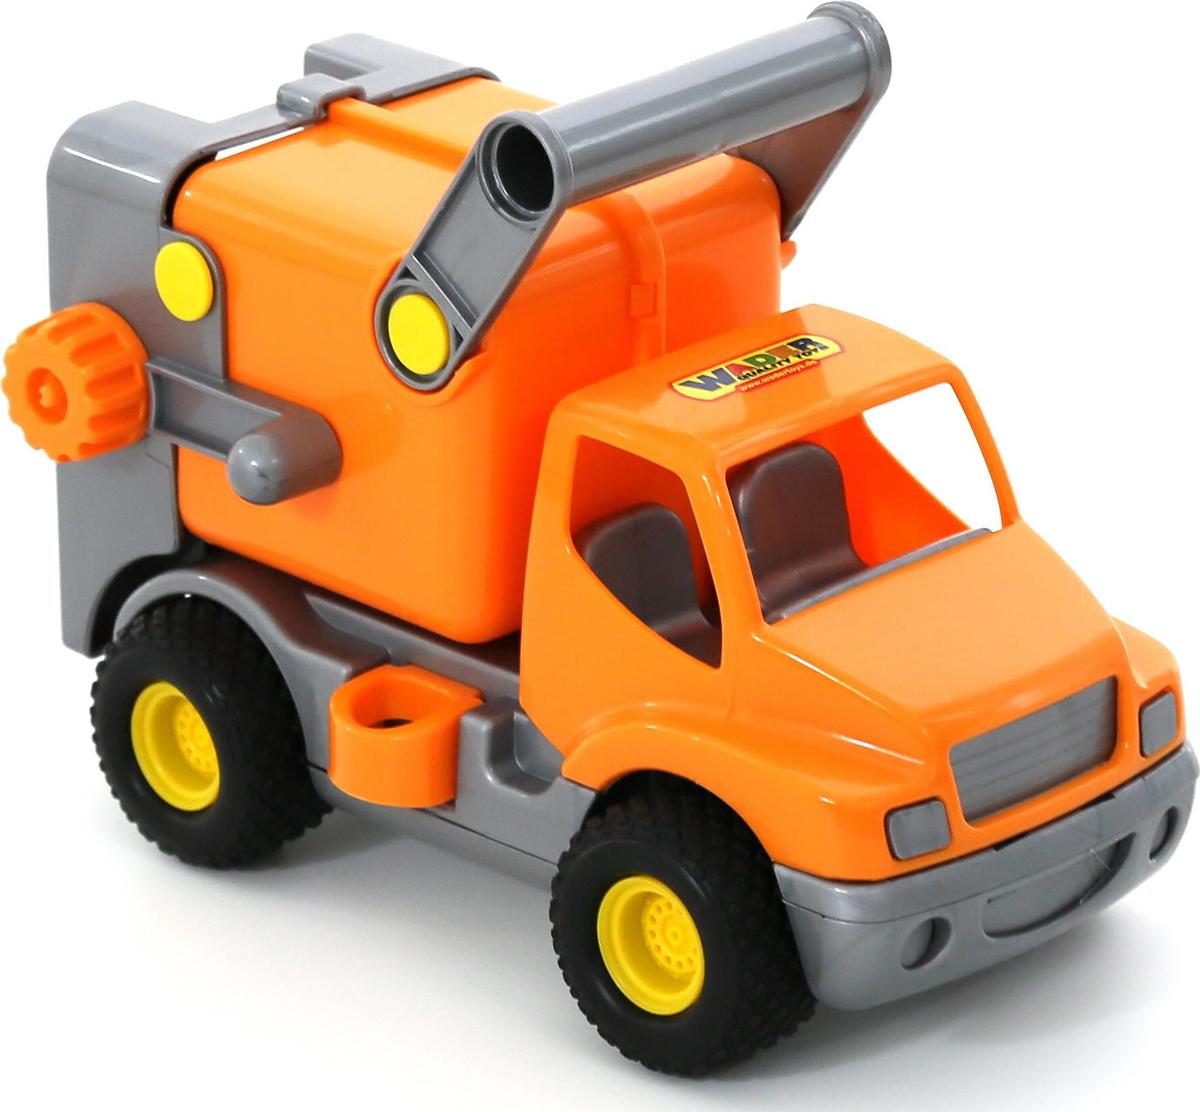 Полесье Коммунальная спецмашина КонсТрак цвет оранжевый44846Яркий коммунальный автомобиль Полесье КонсТрак, выполненный из прочного материала, отлично подойдет ребенку для различных игр. У автомобиля открываются люки и работает подъемный механизм для имитации процесса погрузки мусорных контейнеров. Мусоровоз снабжен ручкой для переноски кузова. Прорезиненные колеса автомобиля со свободным ходом обеспечивают игрушке устойчивость и хорошую проходимость. Крупный реалистично выполненный мусоровоз развлечет вашего малыша, поможет объяснить важность коммунальной службы и позволит самостоятельно заняться уборкой мусора.